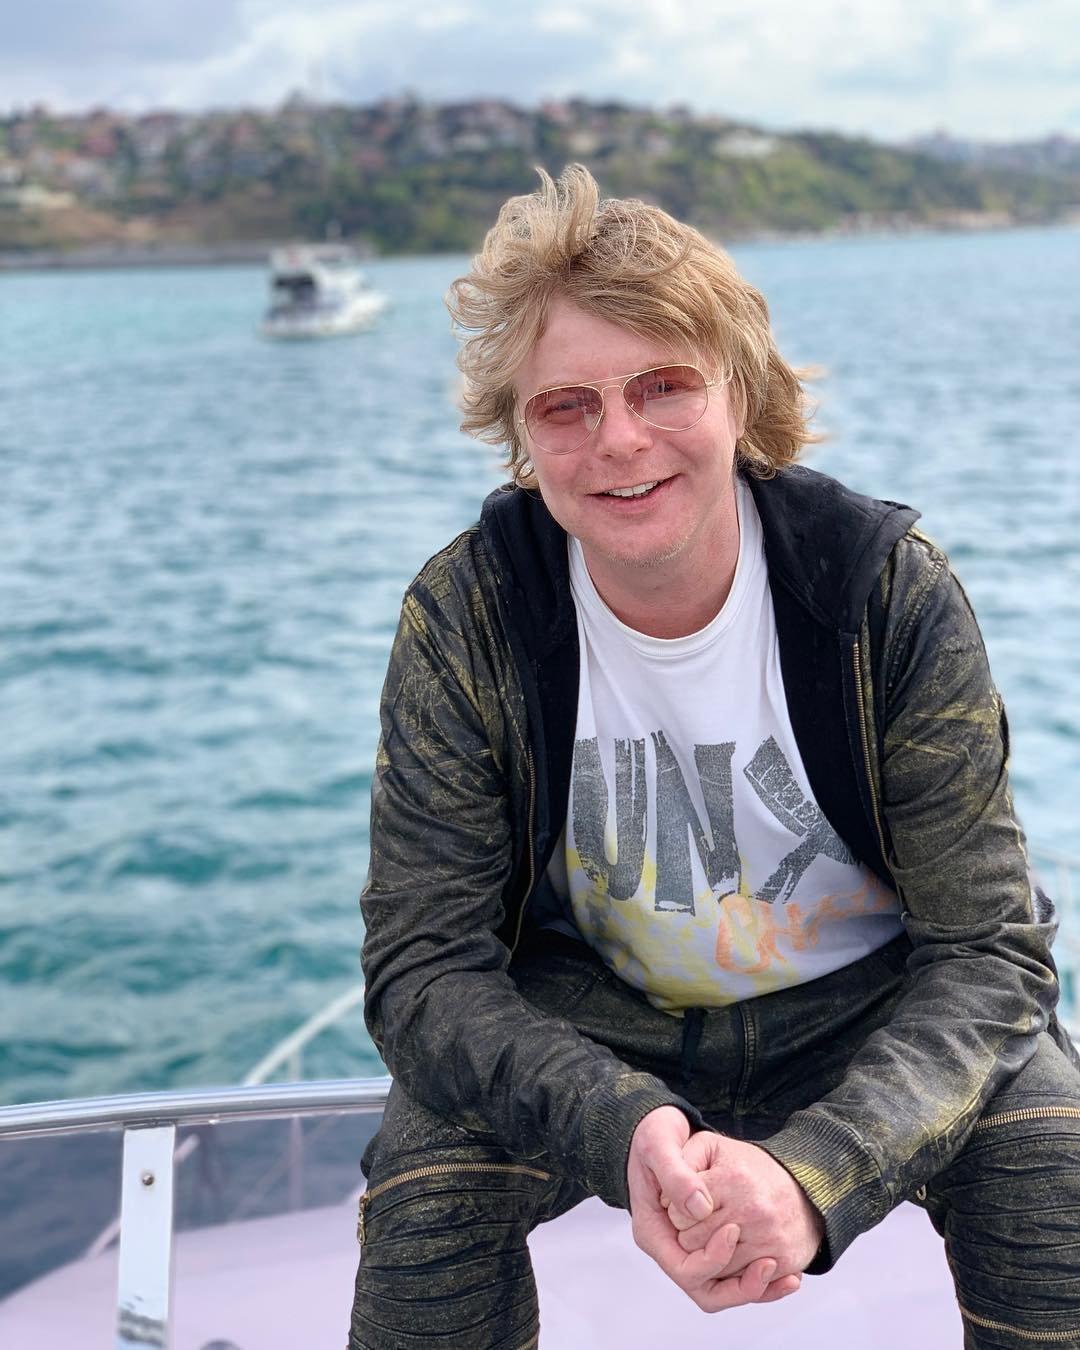 Андрей Григорьев-Аполлонов из«Иванушек International» ужаснул фанатов внешним обликом